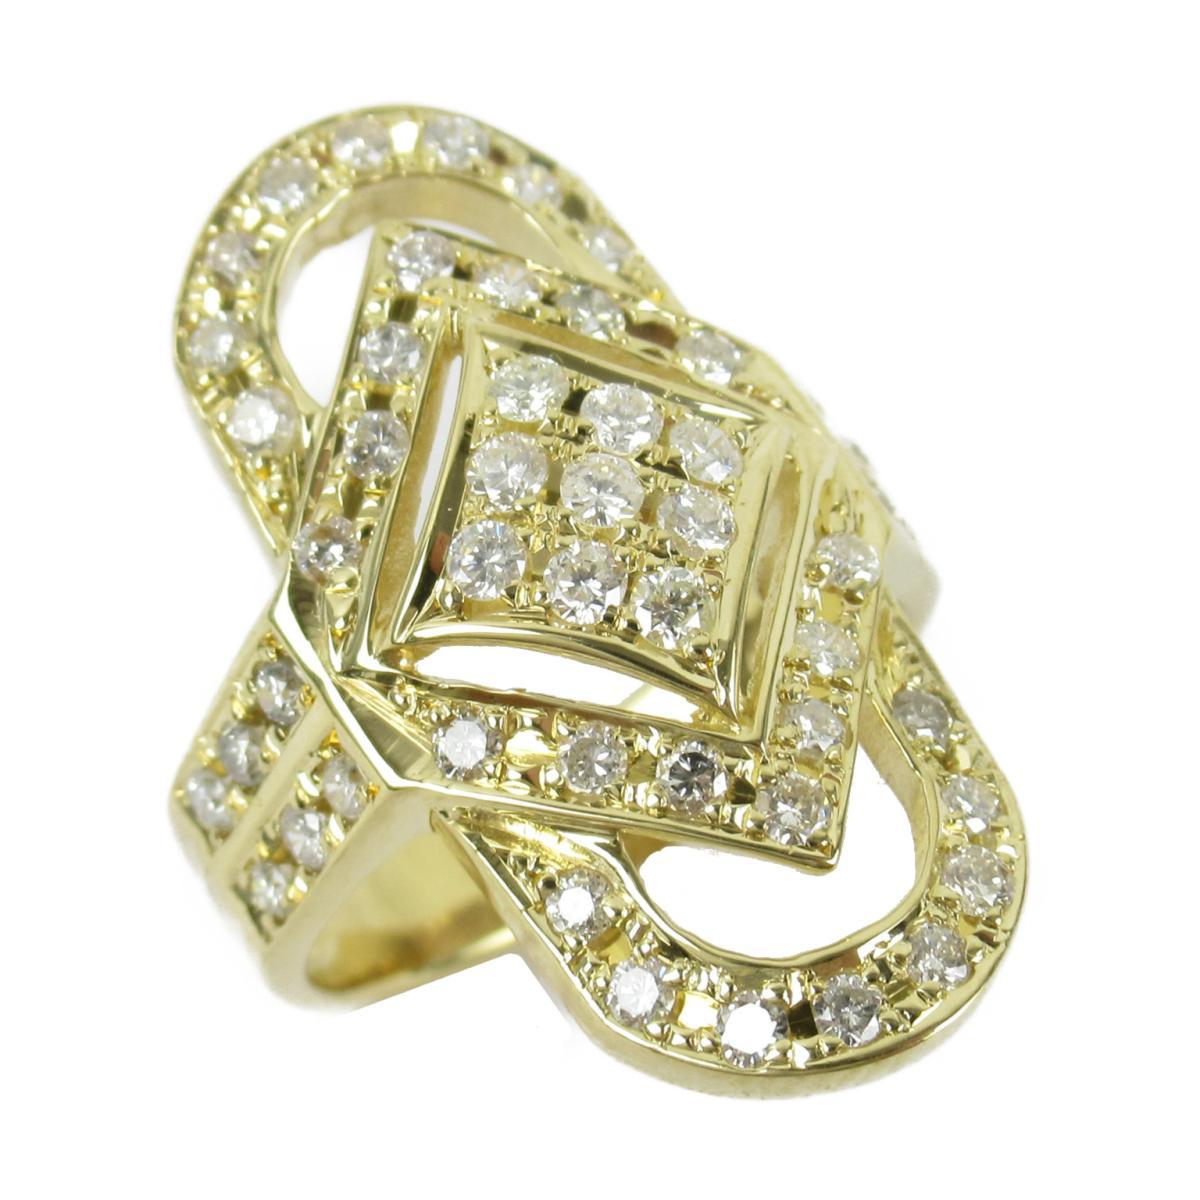 ジュエリー ダイヤモンド リング 指輪 ノーブランドジュエリー メンズ レディース K18 (イエローゴールド) xダイヤモンド1.08ct 【中古】 | JEWELRY BRANDOFF ブランドオフ アクセサリー